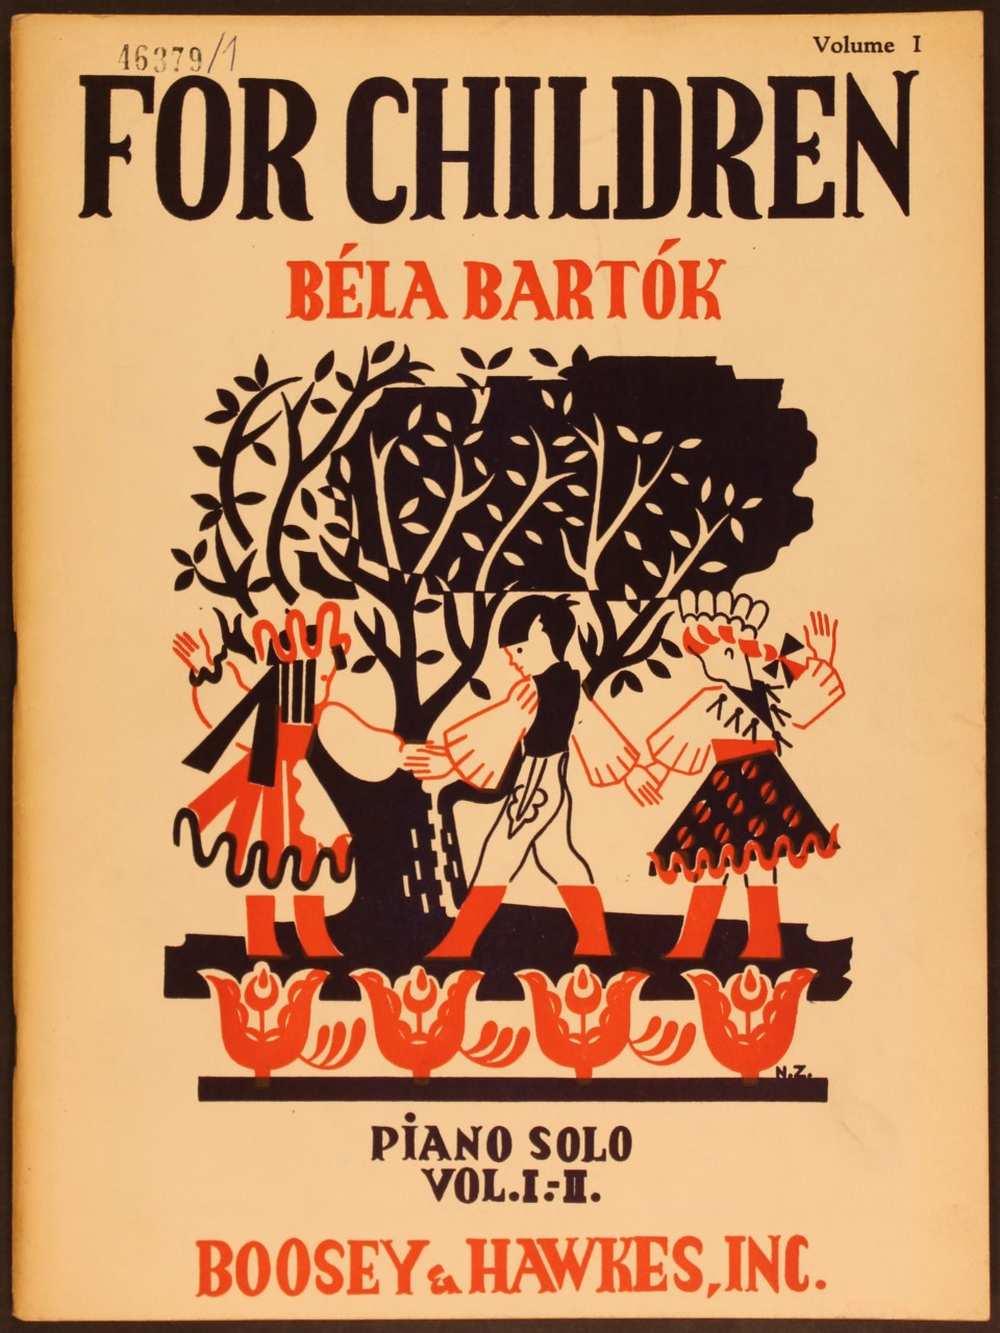 For Children I–II. Bartók a Gyermekeknek sorozat darabjait az 1943-as esztendő folyamán Amerikában revideálta és újabb kiadásra előkészítette. Ez a változat azonban már csak halála után, 1946-ban jelent meg a Boosey and Hawkes kiadónál. – Színháztörténeti és Zeneműtár